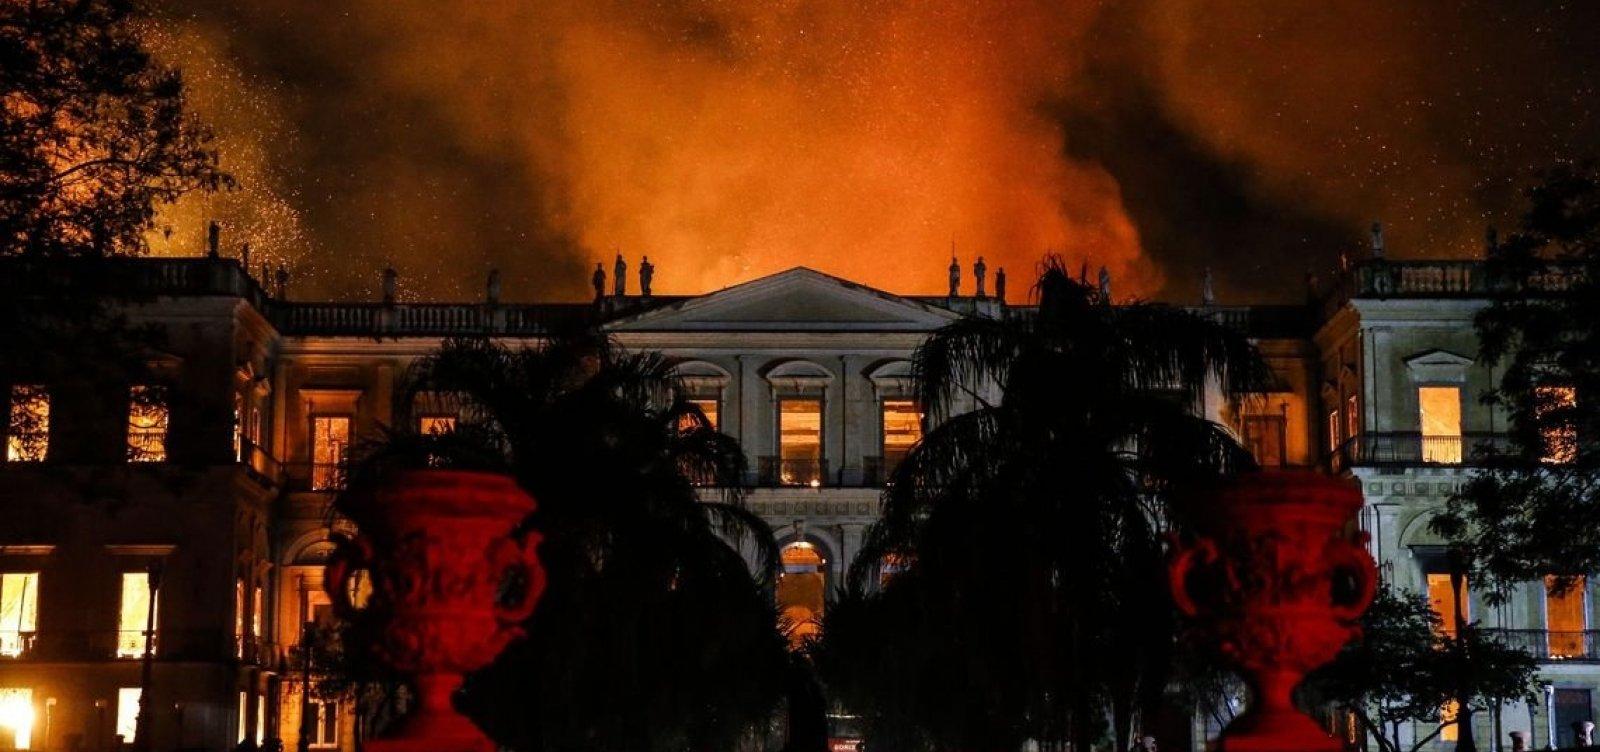 Governo vai reformar museus para prevenir incêndios